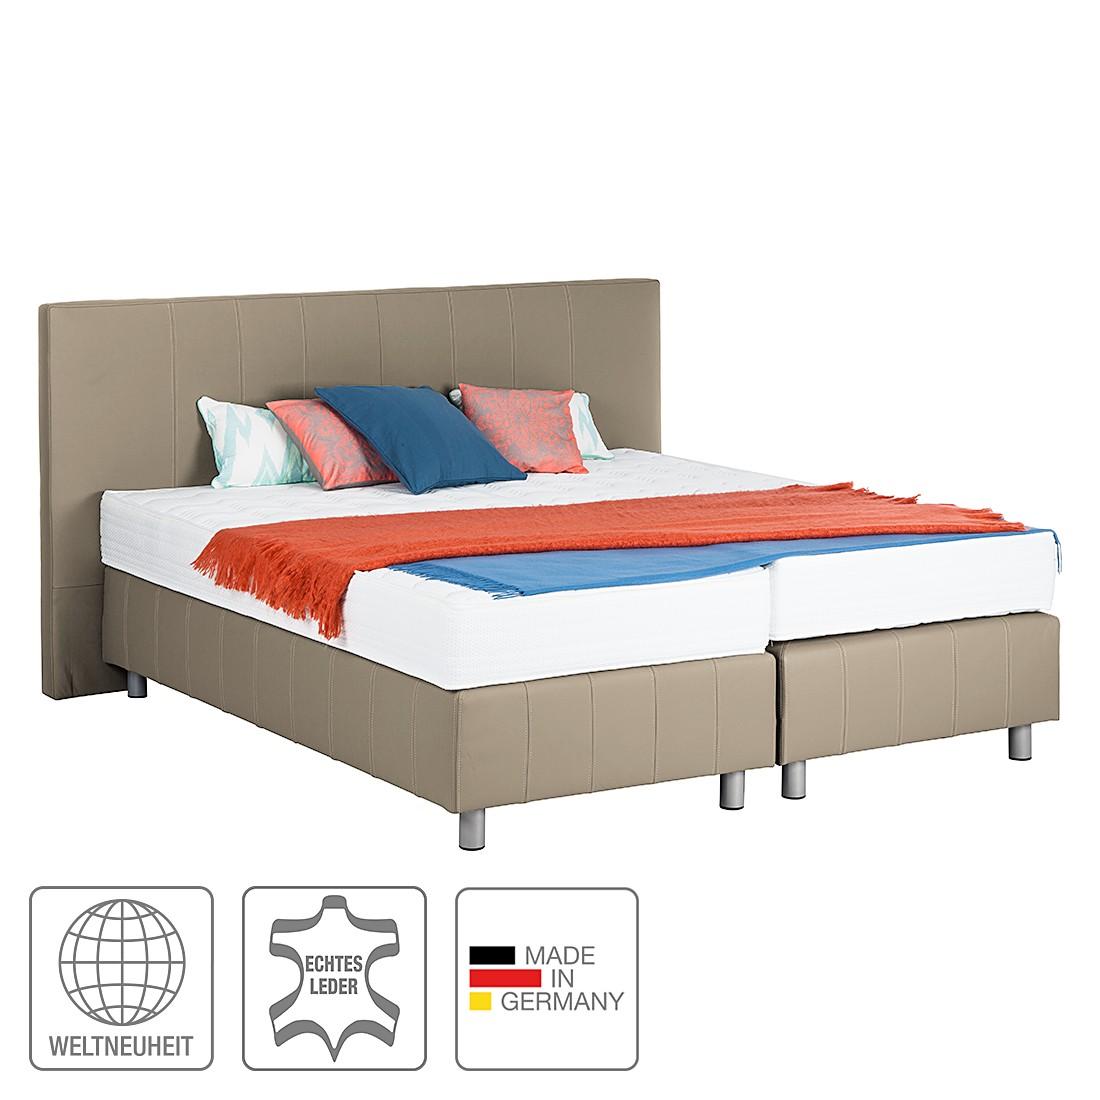 Boxspringbett Atlanta (Echtleder) - Ohne Topper - 160 x 200cm - H3 ab 80 kg - Schlamm, Art of Sleep